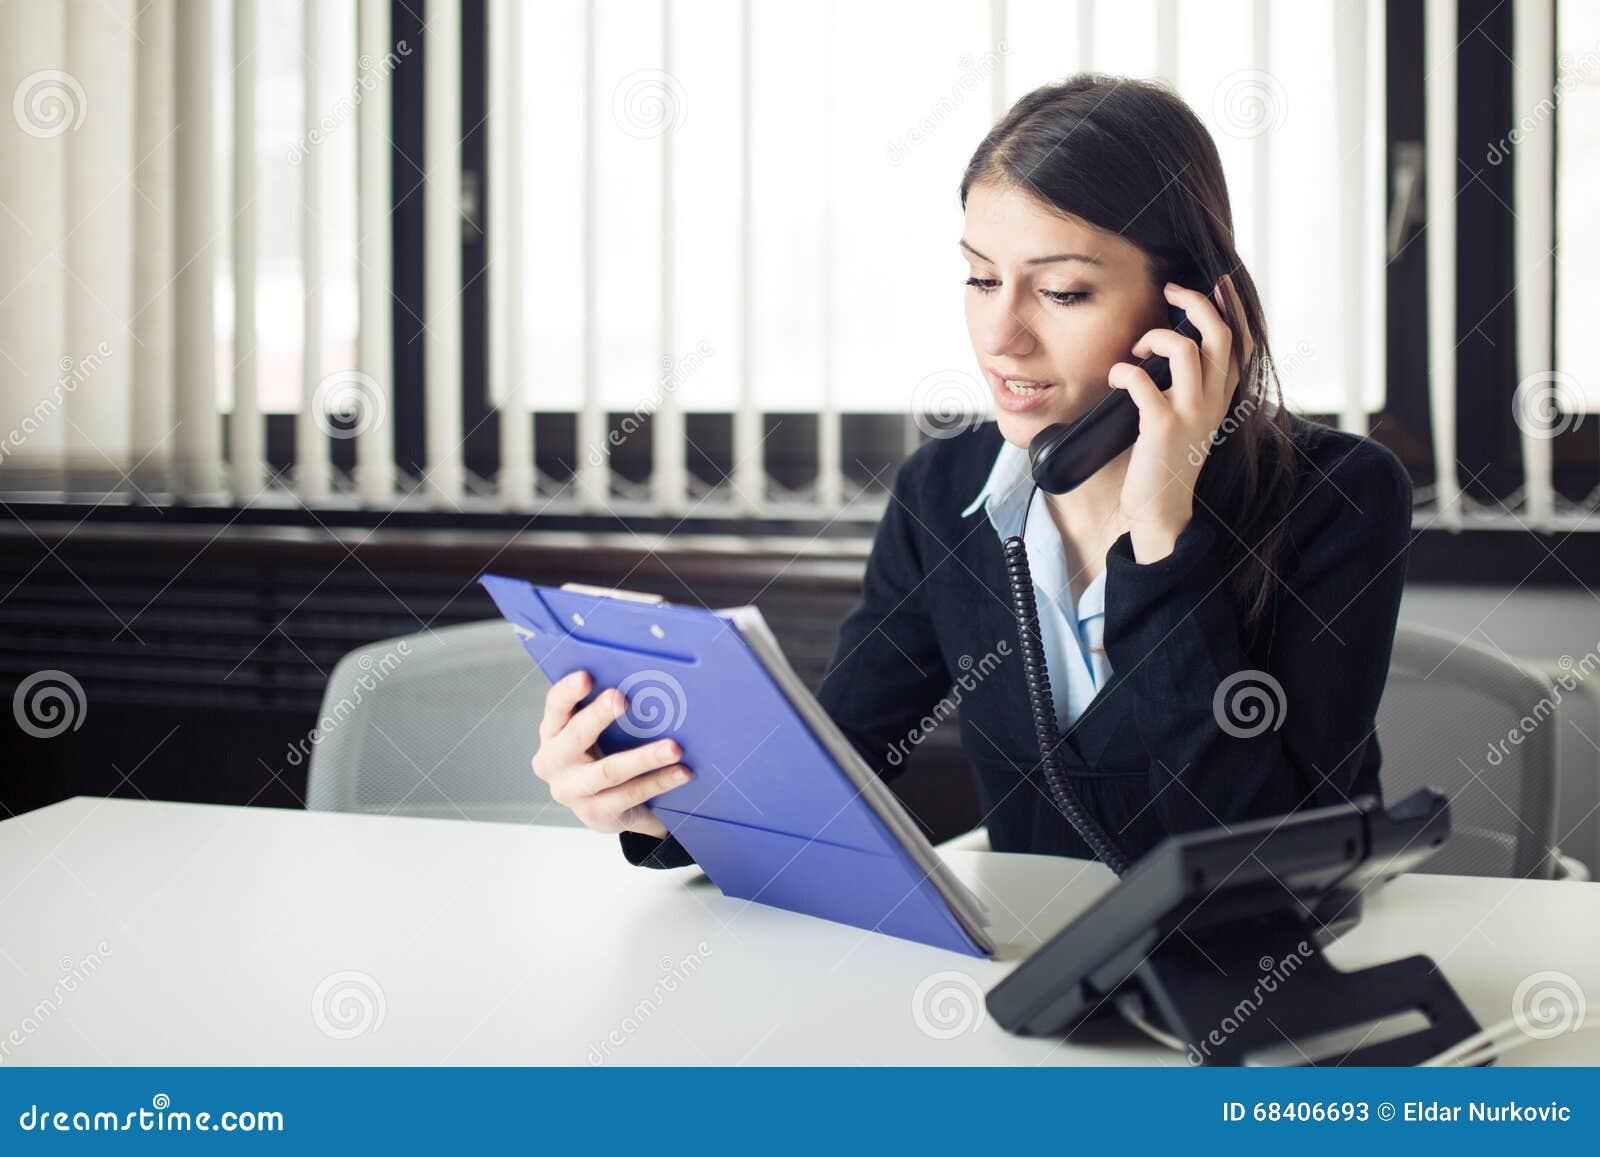 Uorganizowanego odpowiedzialnego urzędnika biznesowa kobieta daje instrukcjom przez rozmowy telefonicza Patrzeć wprawiać w zakłop